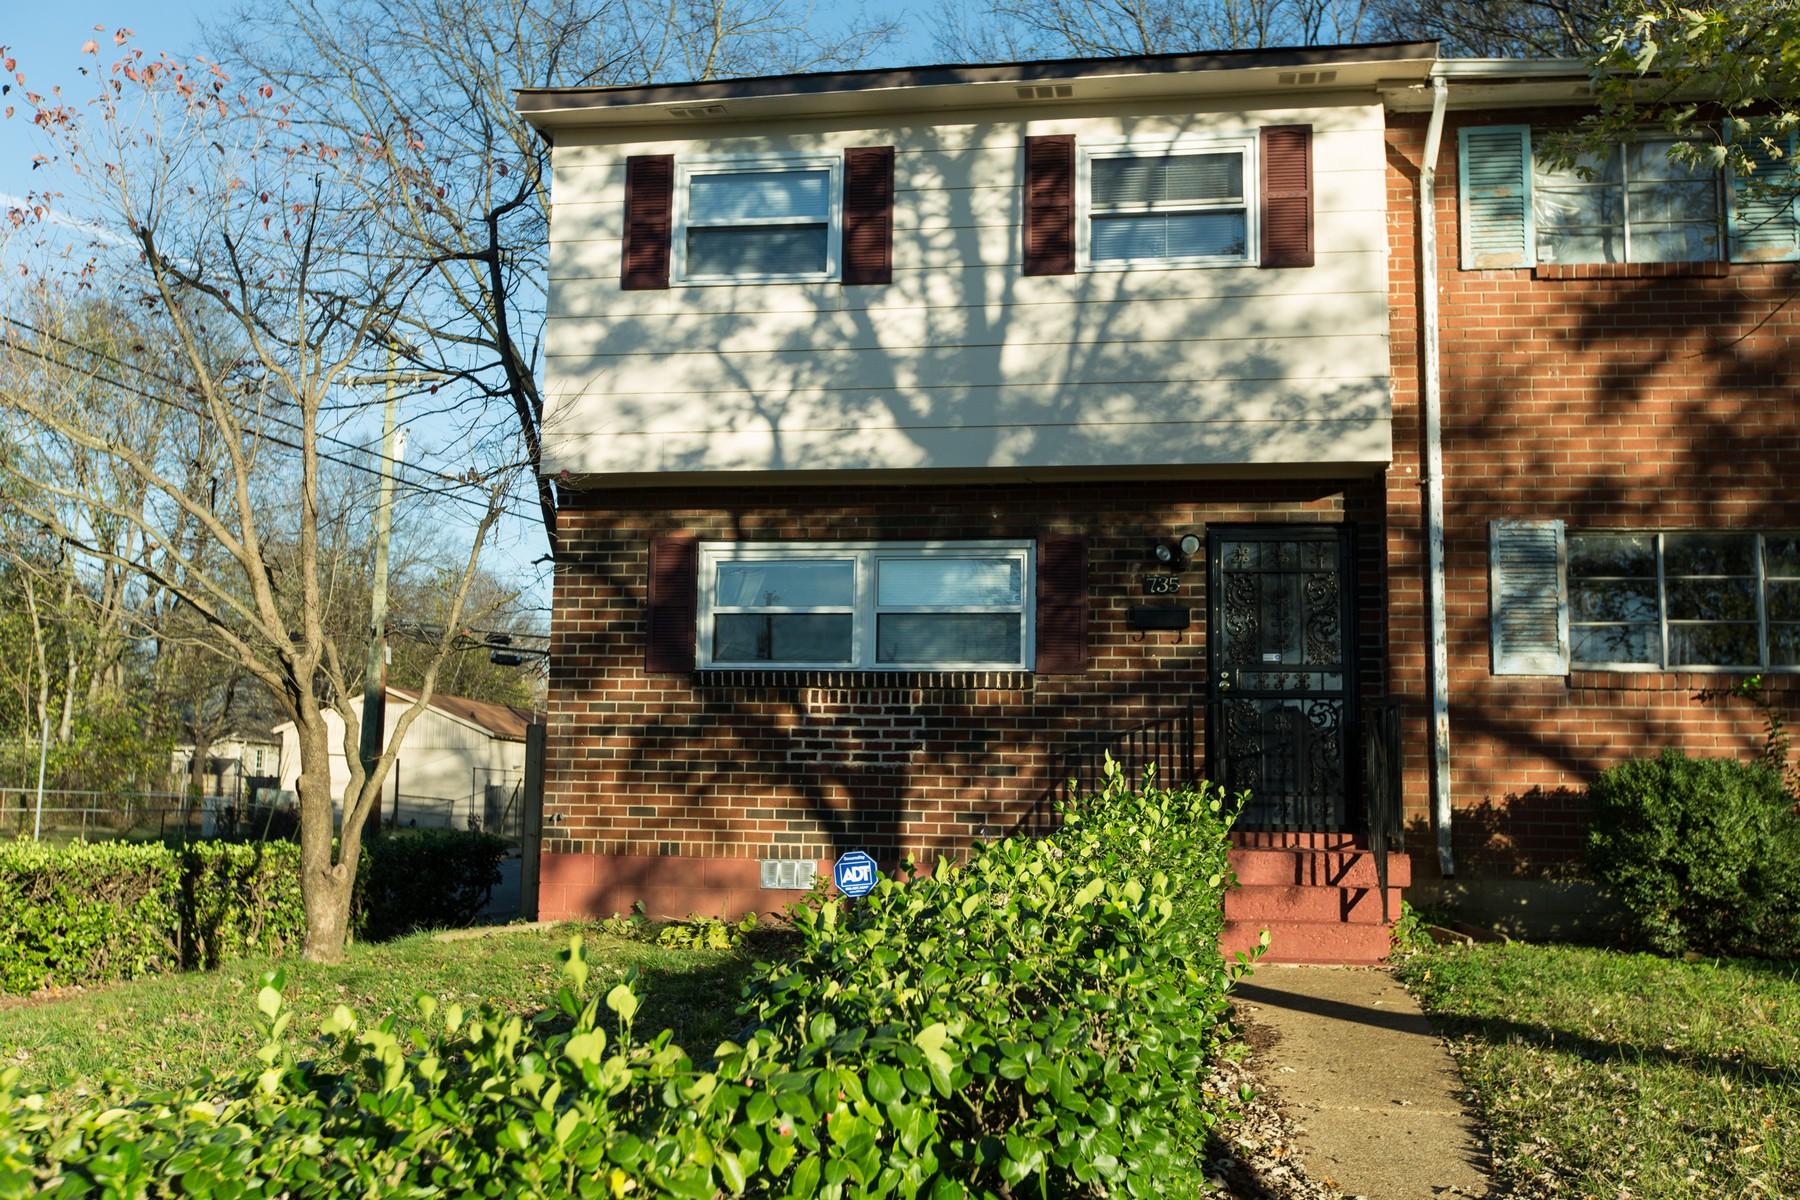 단독 가정 주택 용 매매 에 Great Opportunity in Nashville 735 Joseph Avenue Nashville, 테네시, 37207 미국